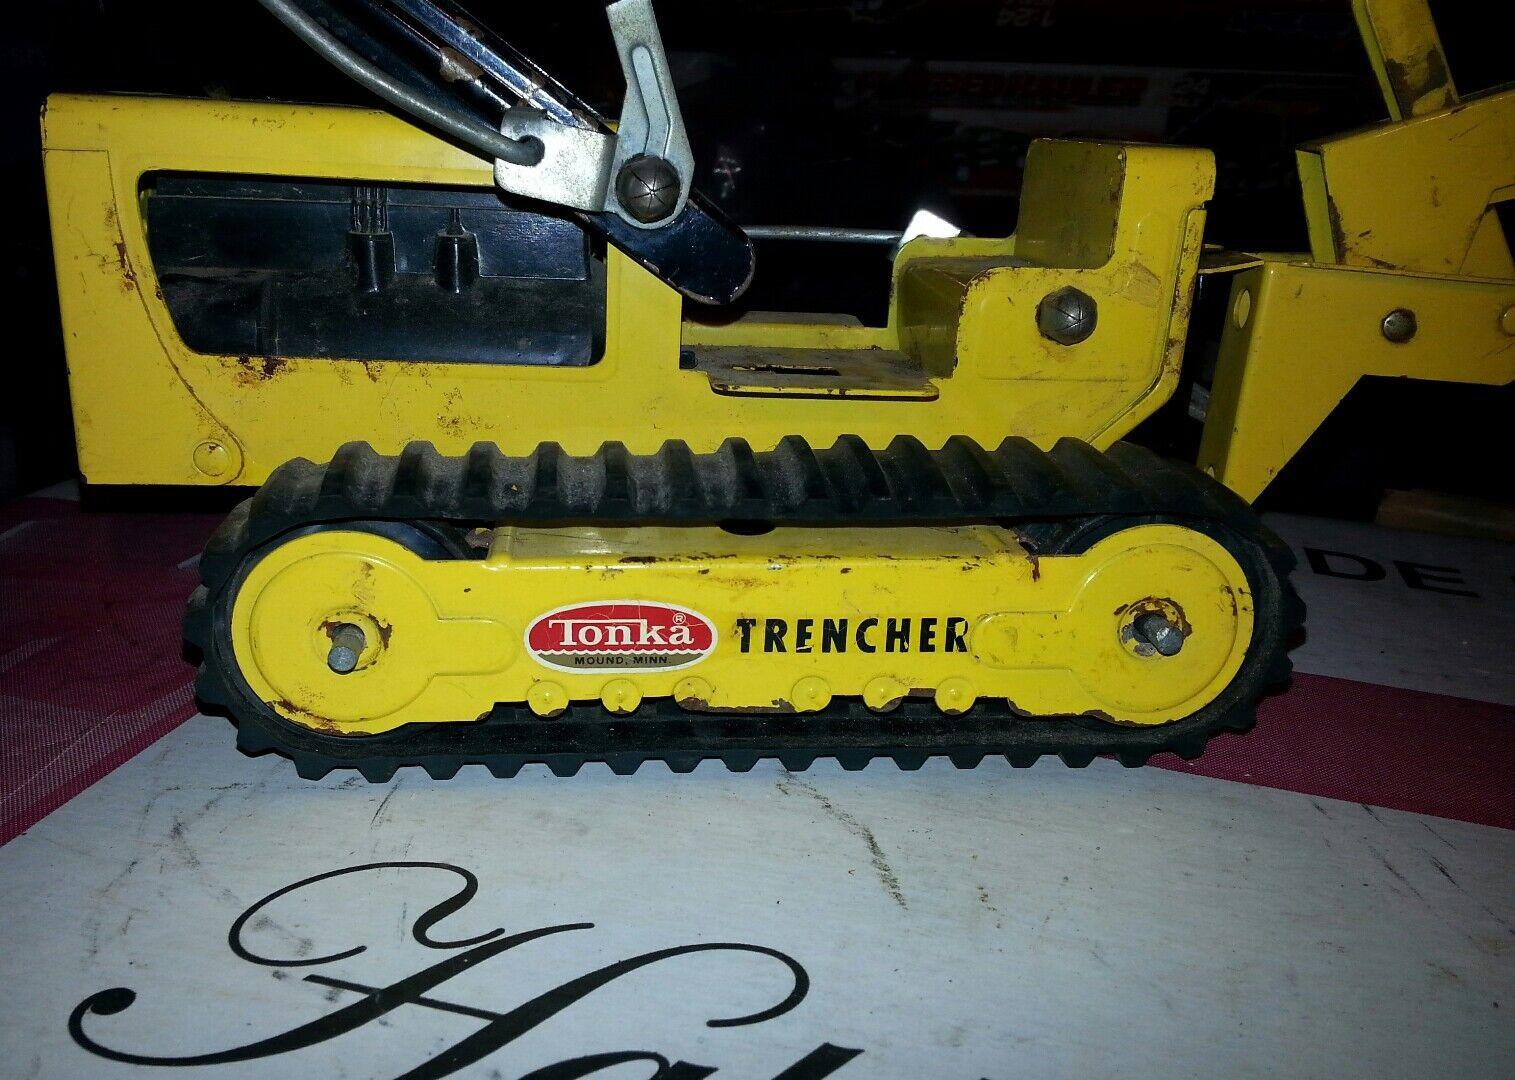 tiempo libre Vintage Tonka Amarillo Plata Negro Trencher Totalmente Funcional Funcional Funcional Juguete de acero prensado  descuento de ventas en línea